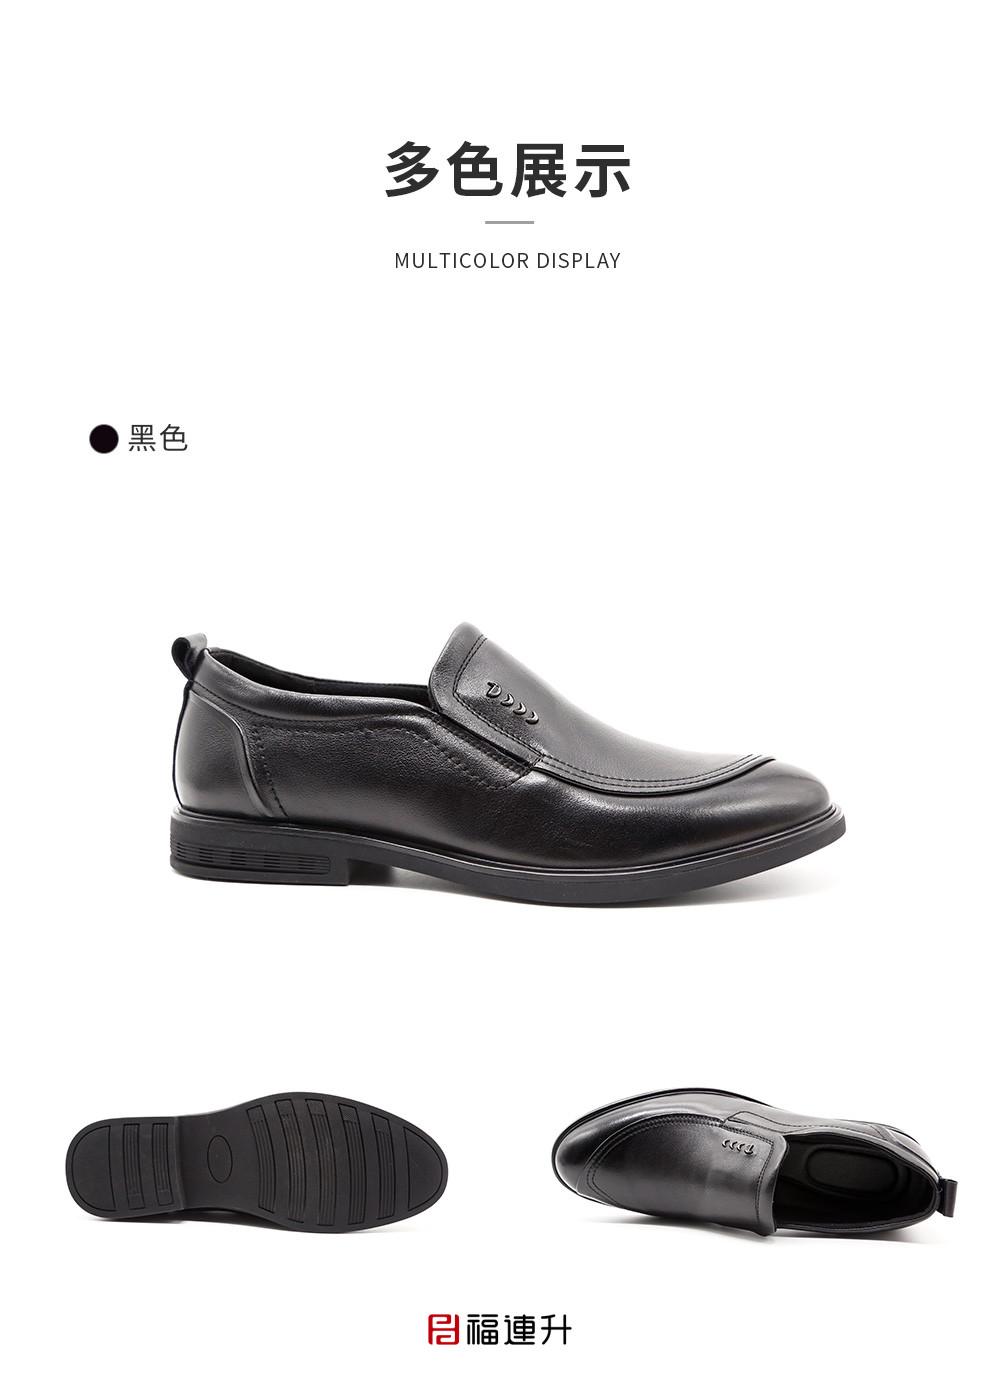 福连升春秋男士商务正装休闲中老年棉麻透气爸爸鞋图片